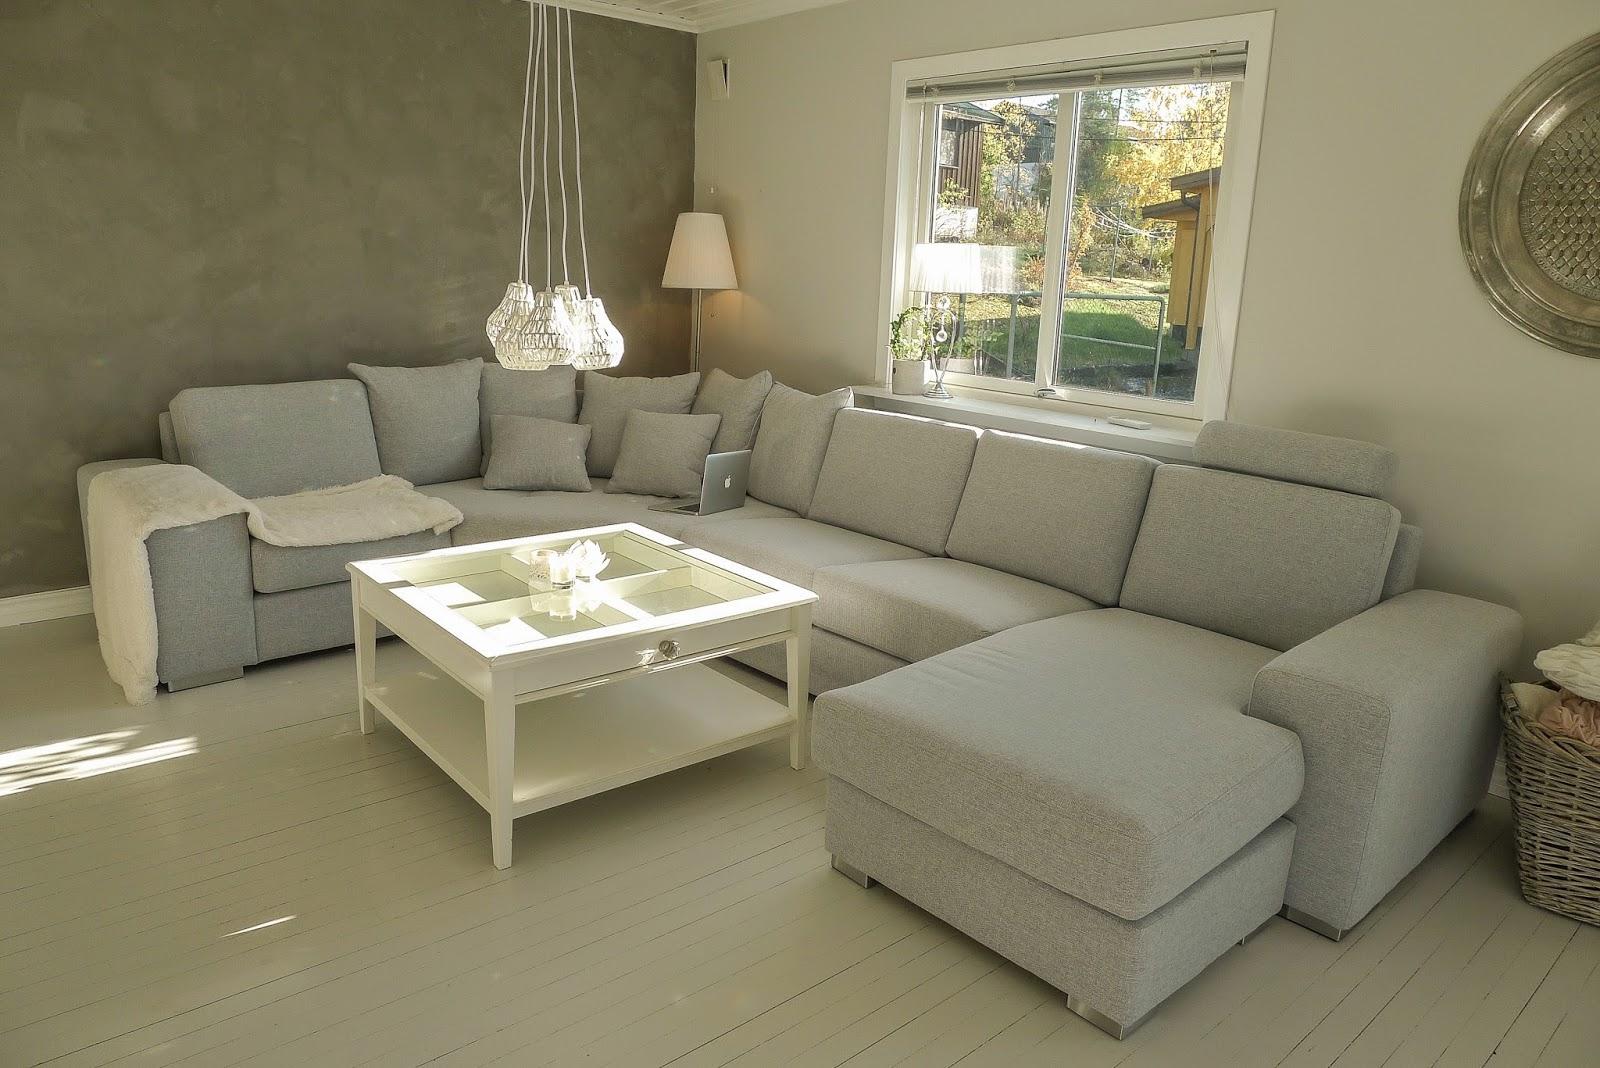 villa sol s ny stue. Black Bedroom Furniture Sets. Home Design Ideas